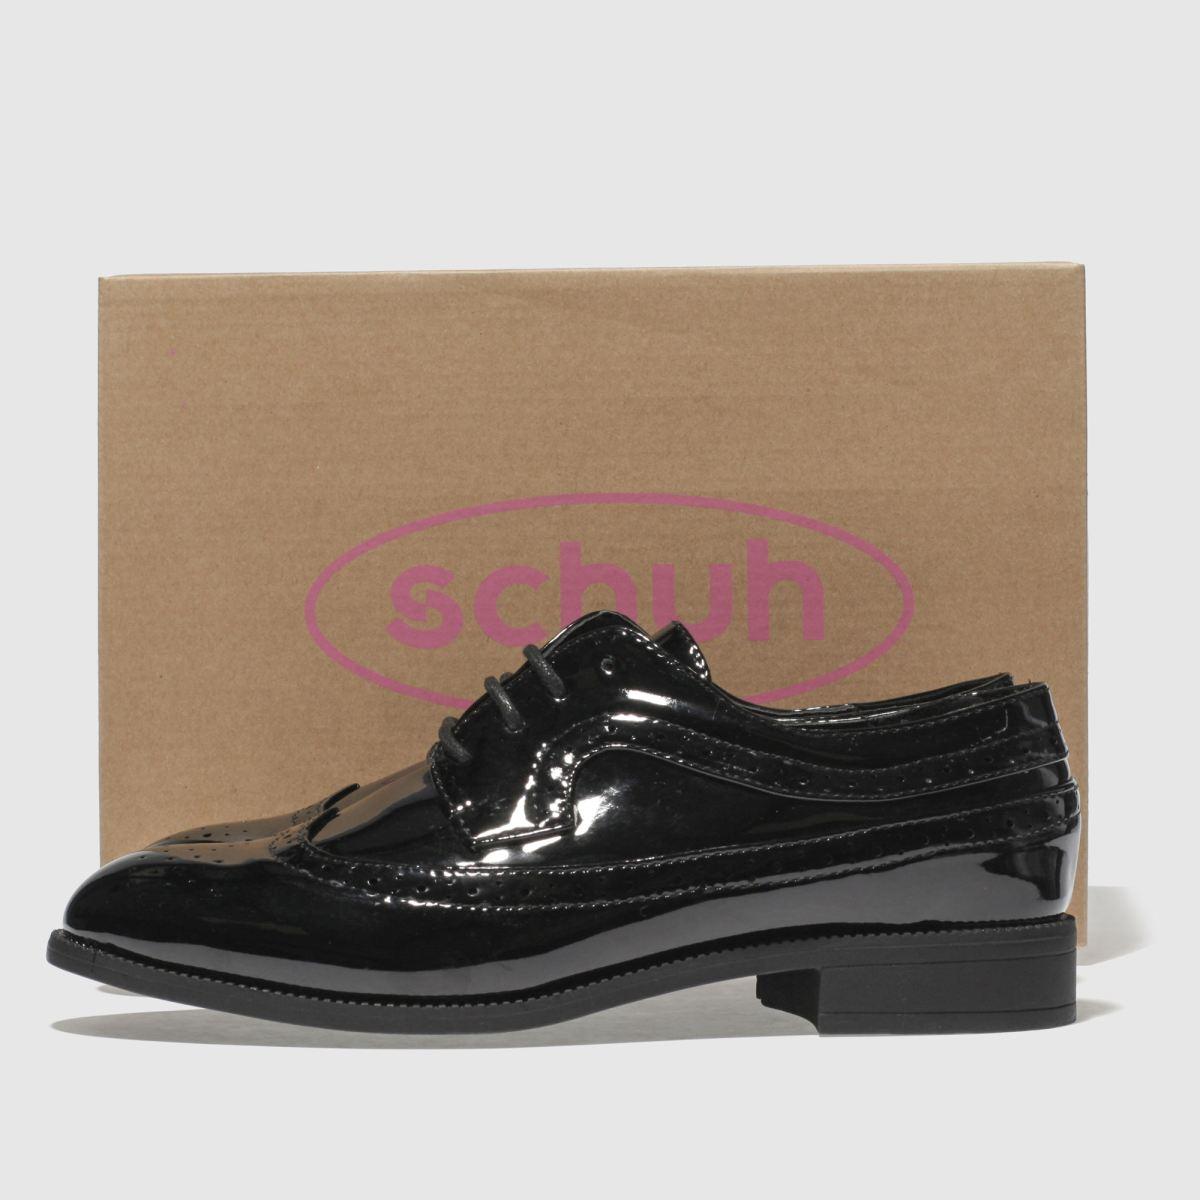 Damen Schwarz schuh Genius Flats   Schuhe schuh Gute Qualität beliebte Schuhe   b6d127